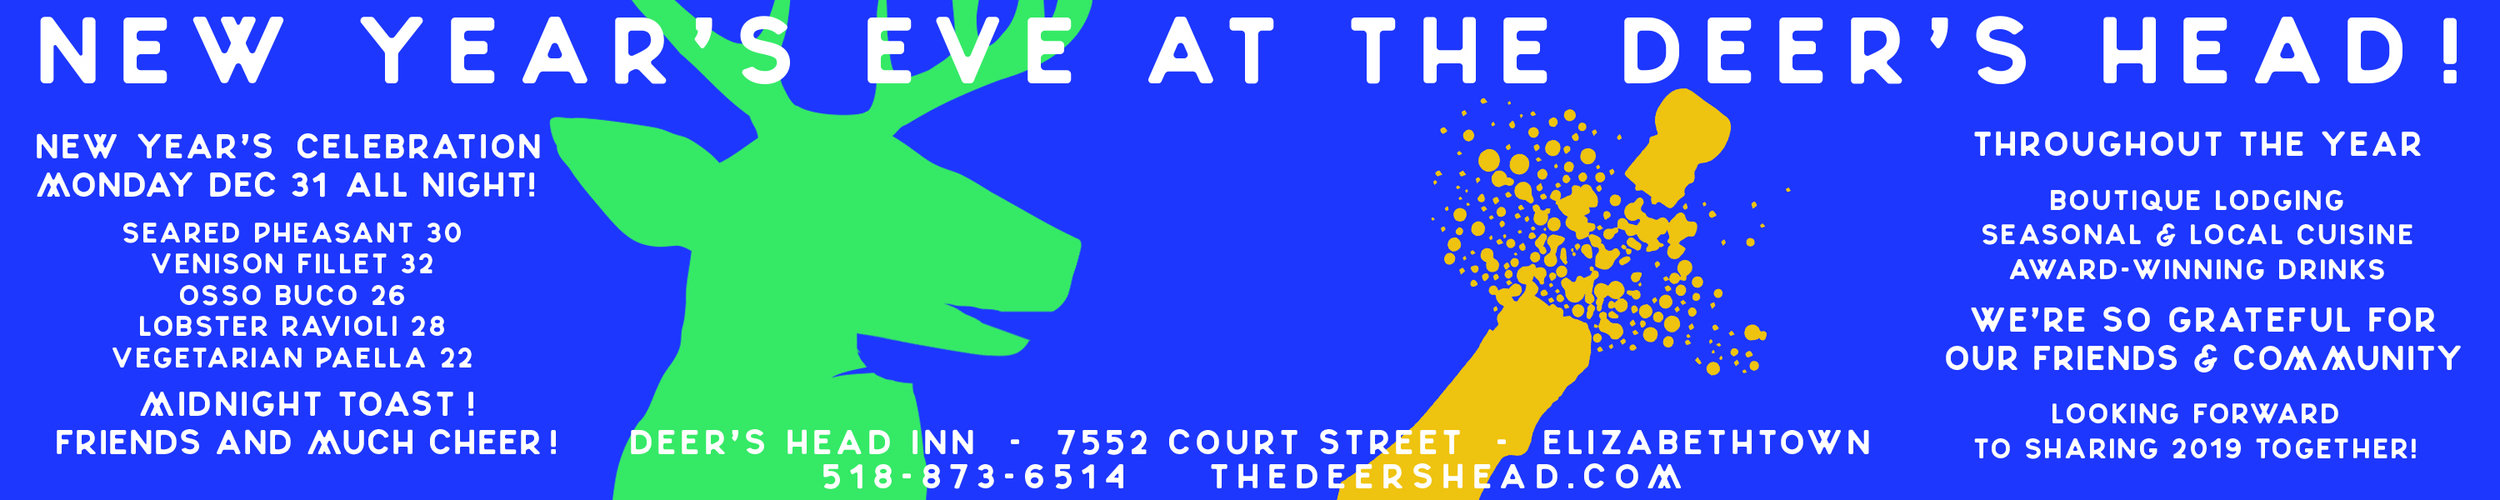 ThisWeek@TheDeersHead.b.12.29.18.jpg